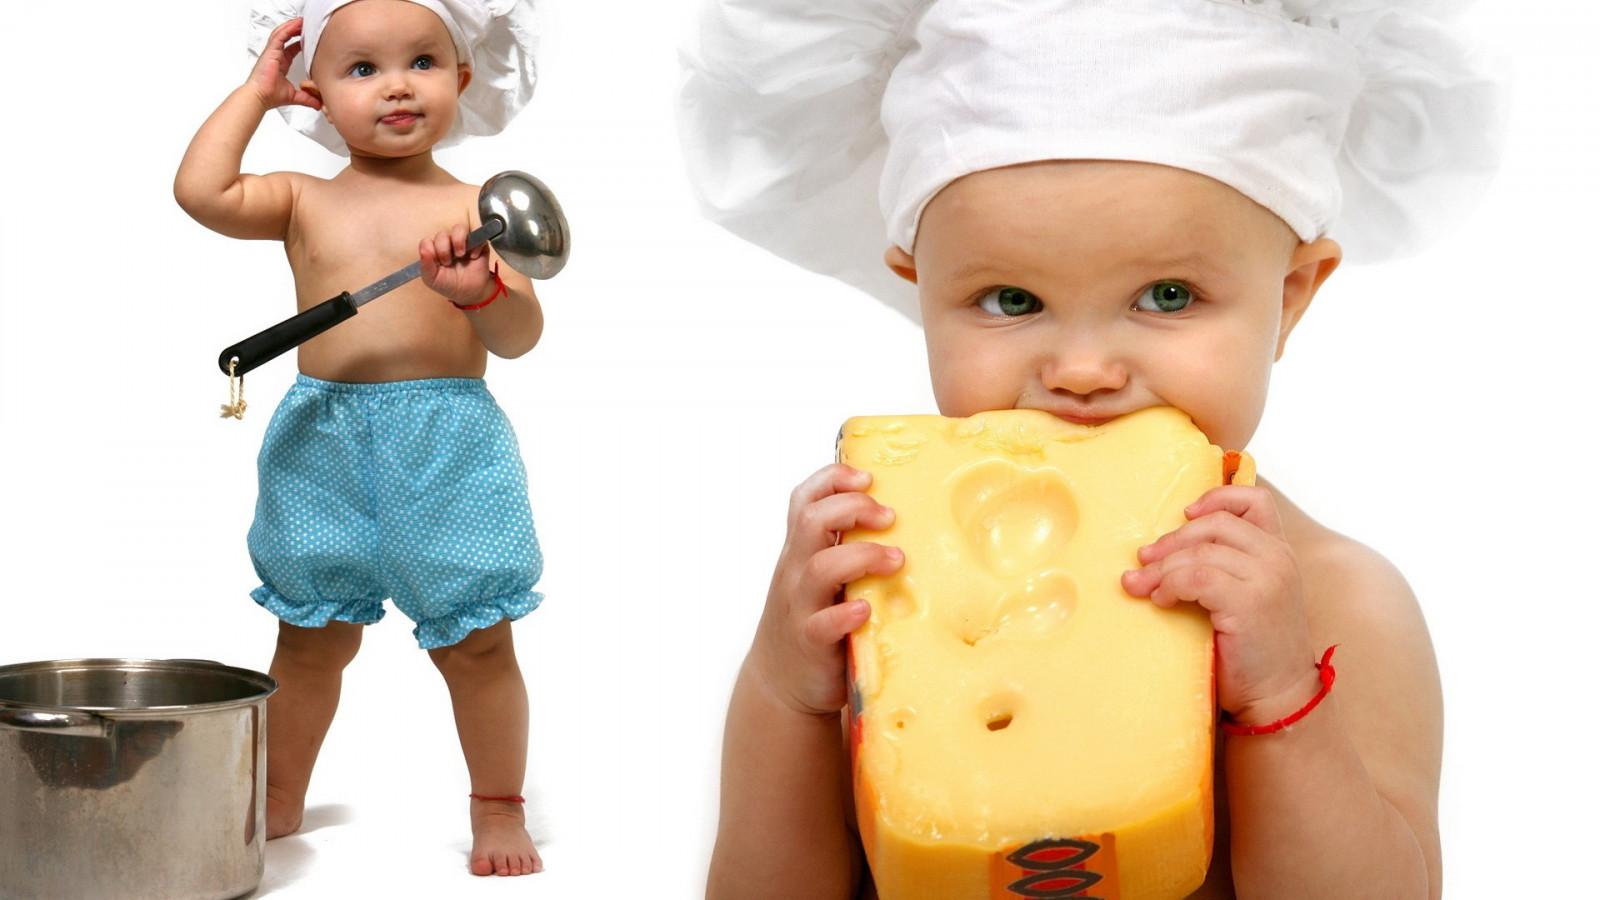 Плачь картинках, прикольные картинки дети еда